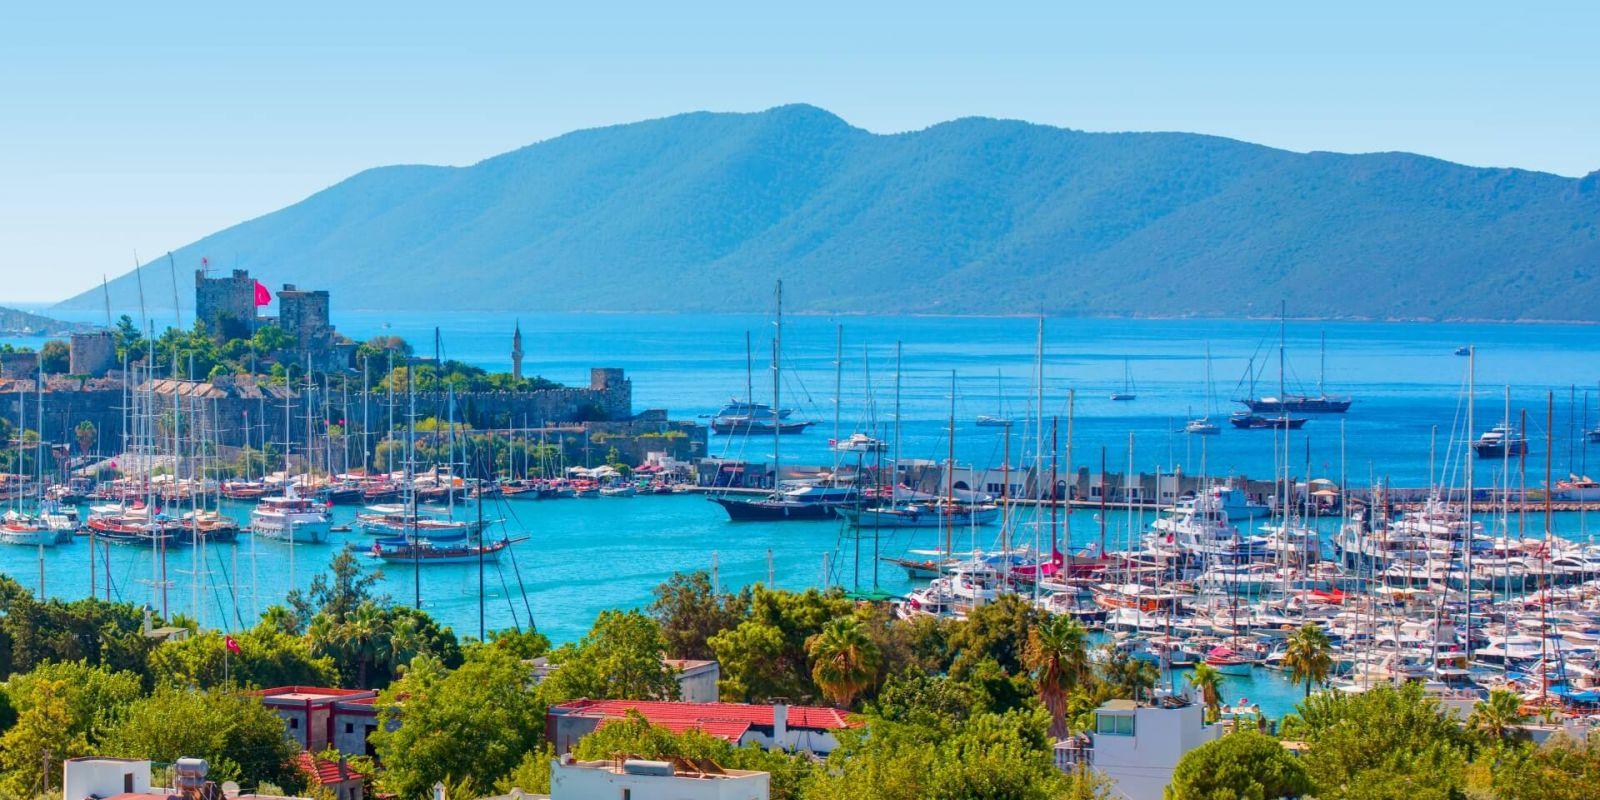 https://www.talamare.fr/medias/Panorama de Bodrum avec son château et sa marina en mer Égée lors d'une location de yacht en Turquie